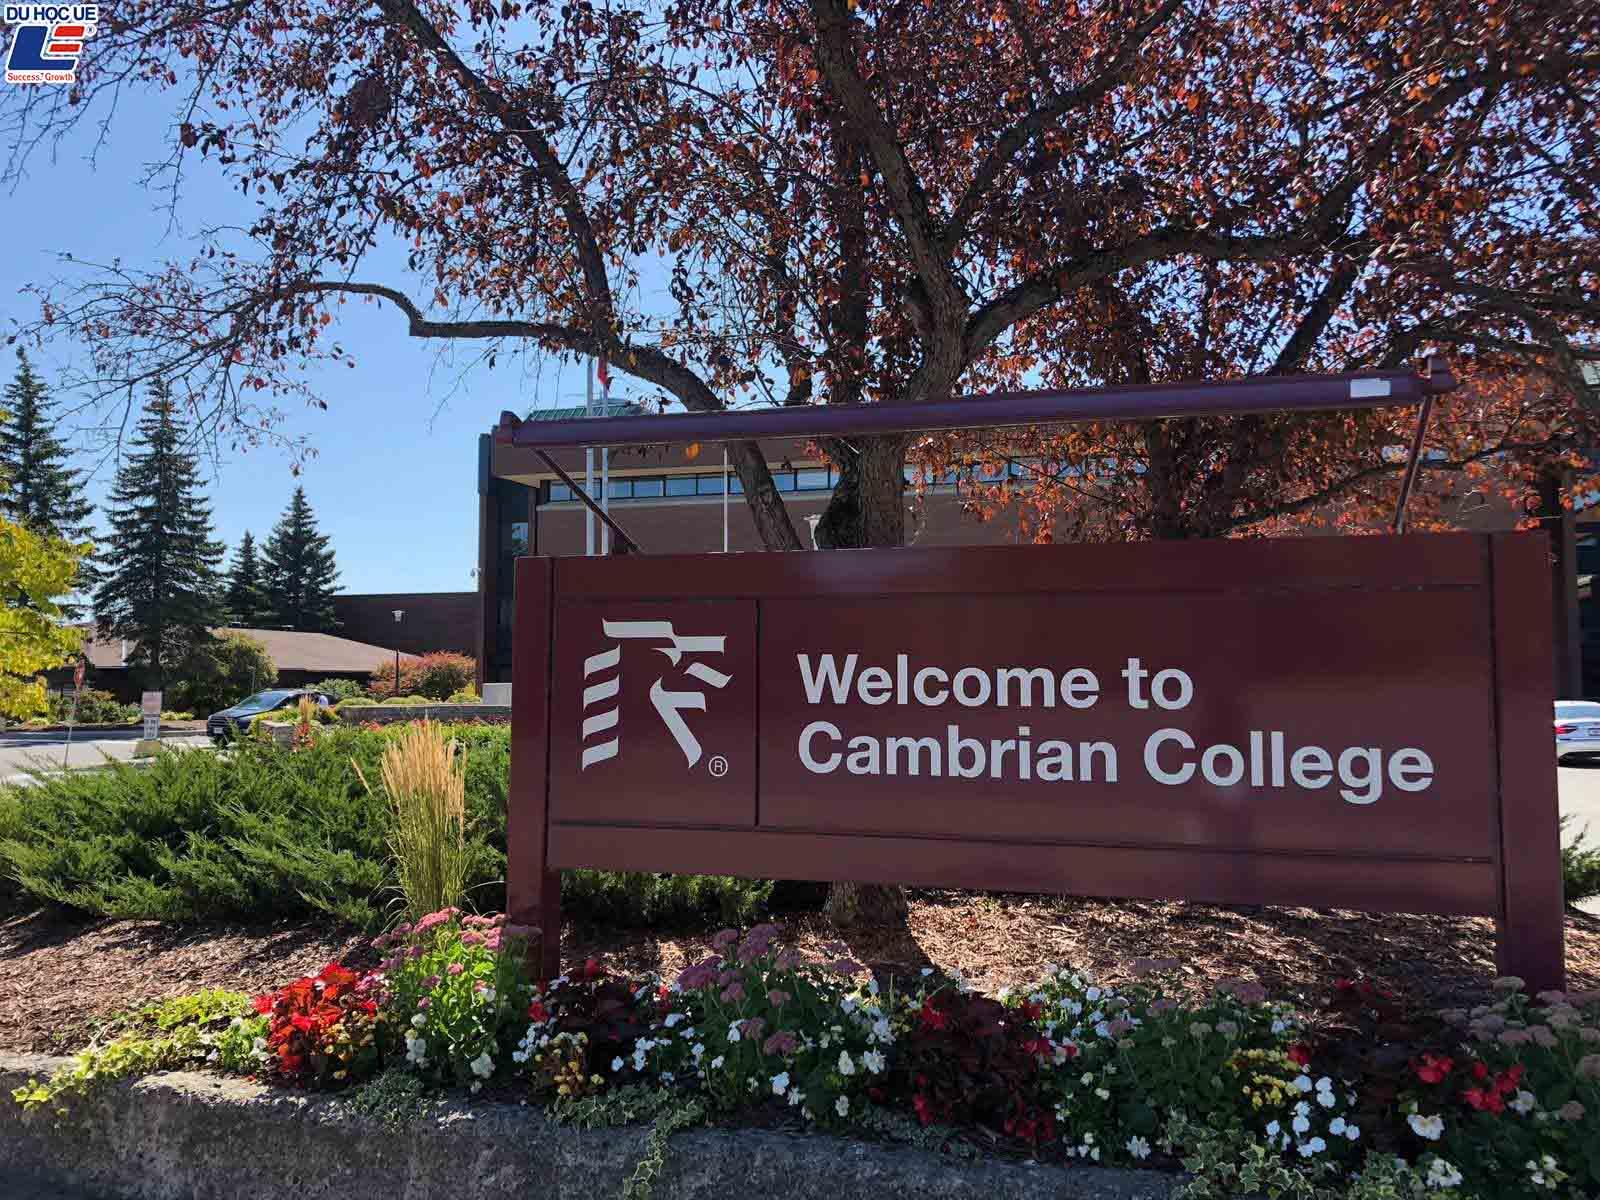 Hàng loạt học bổng chào đón sinh viên quốc tế vào năm học mới tại Cambrian College, Canada 2